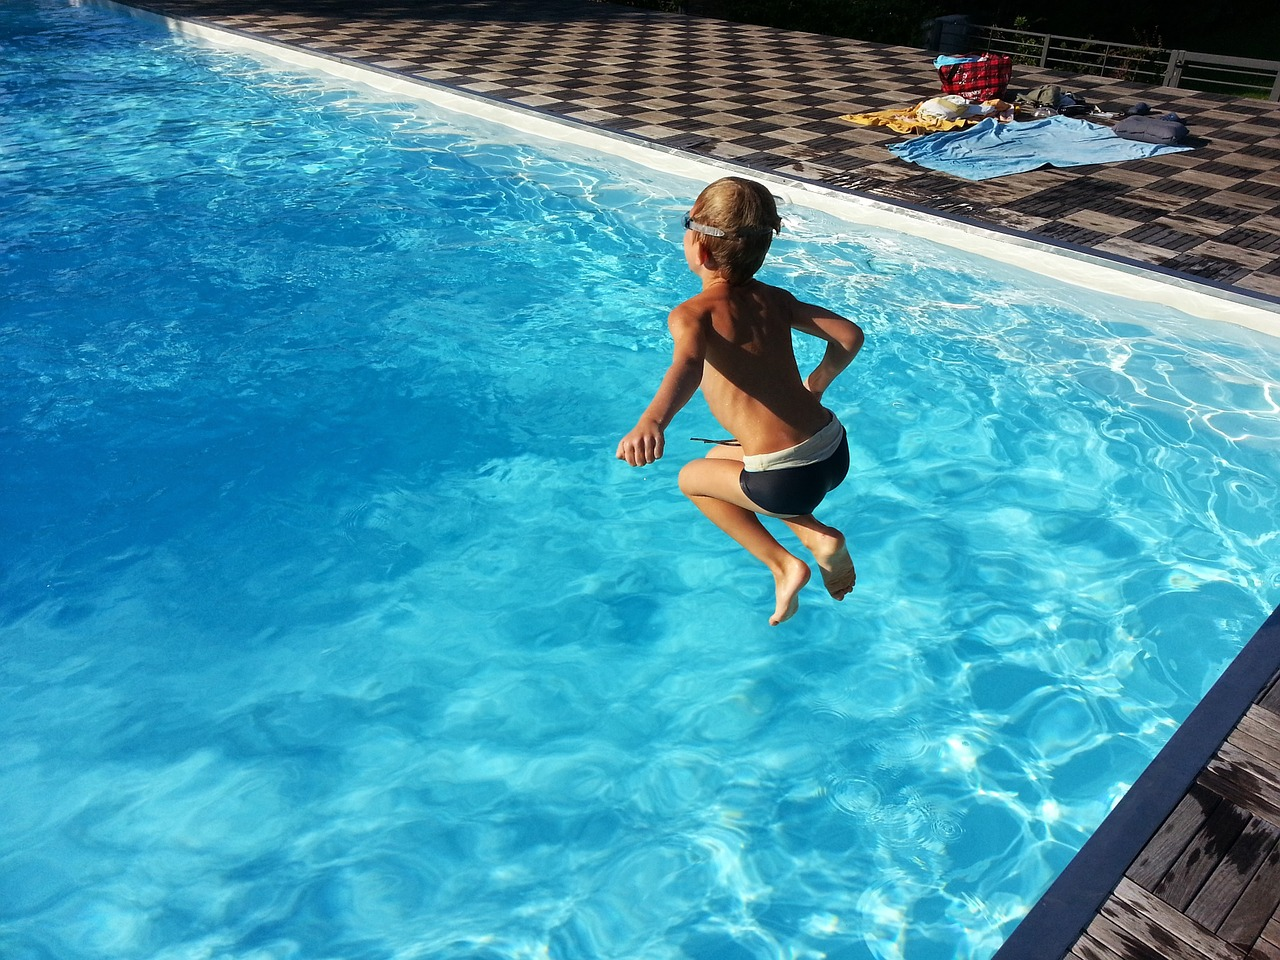 bazén s dítětem